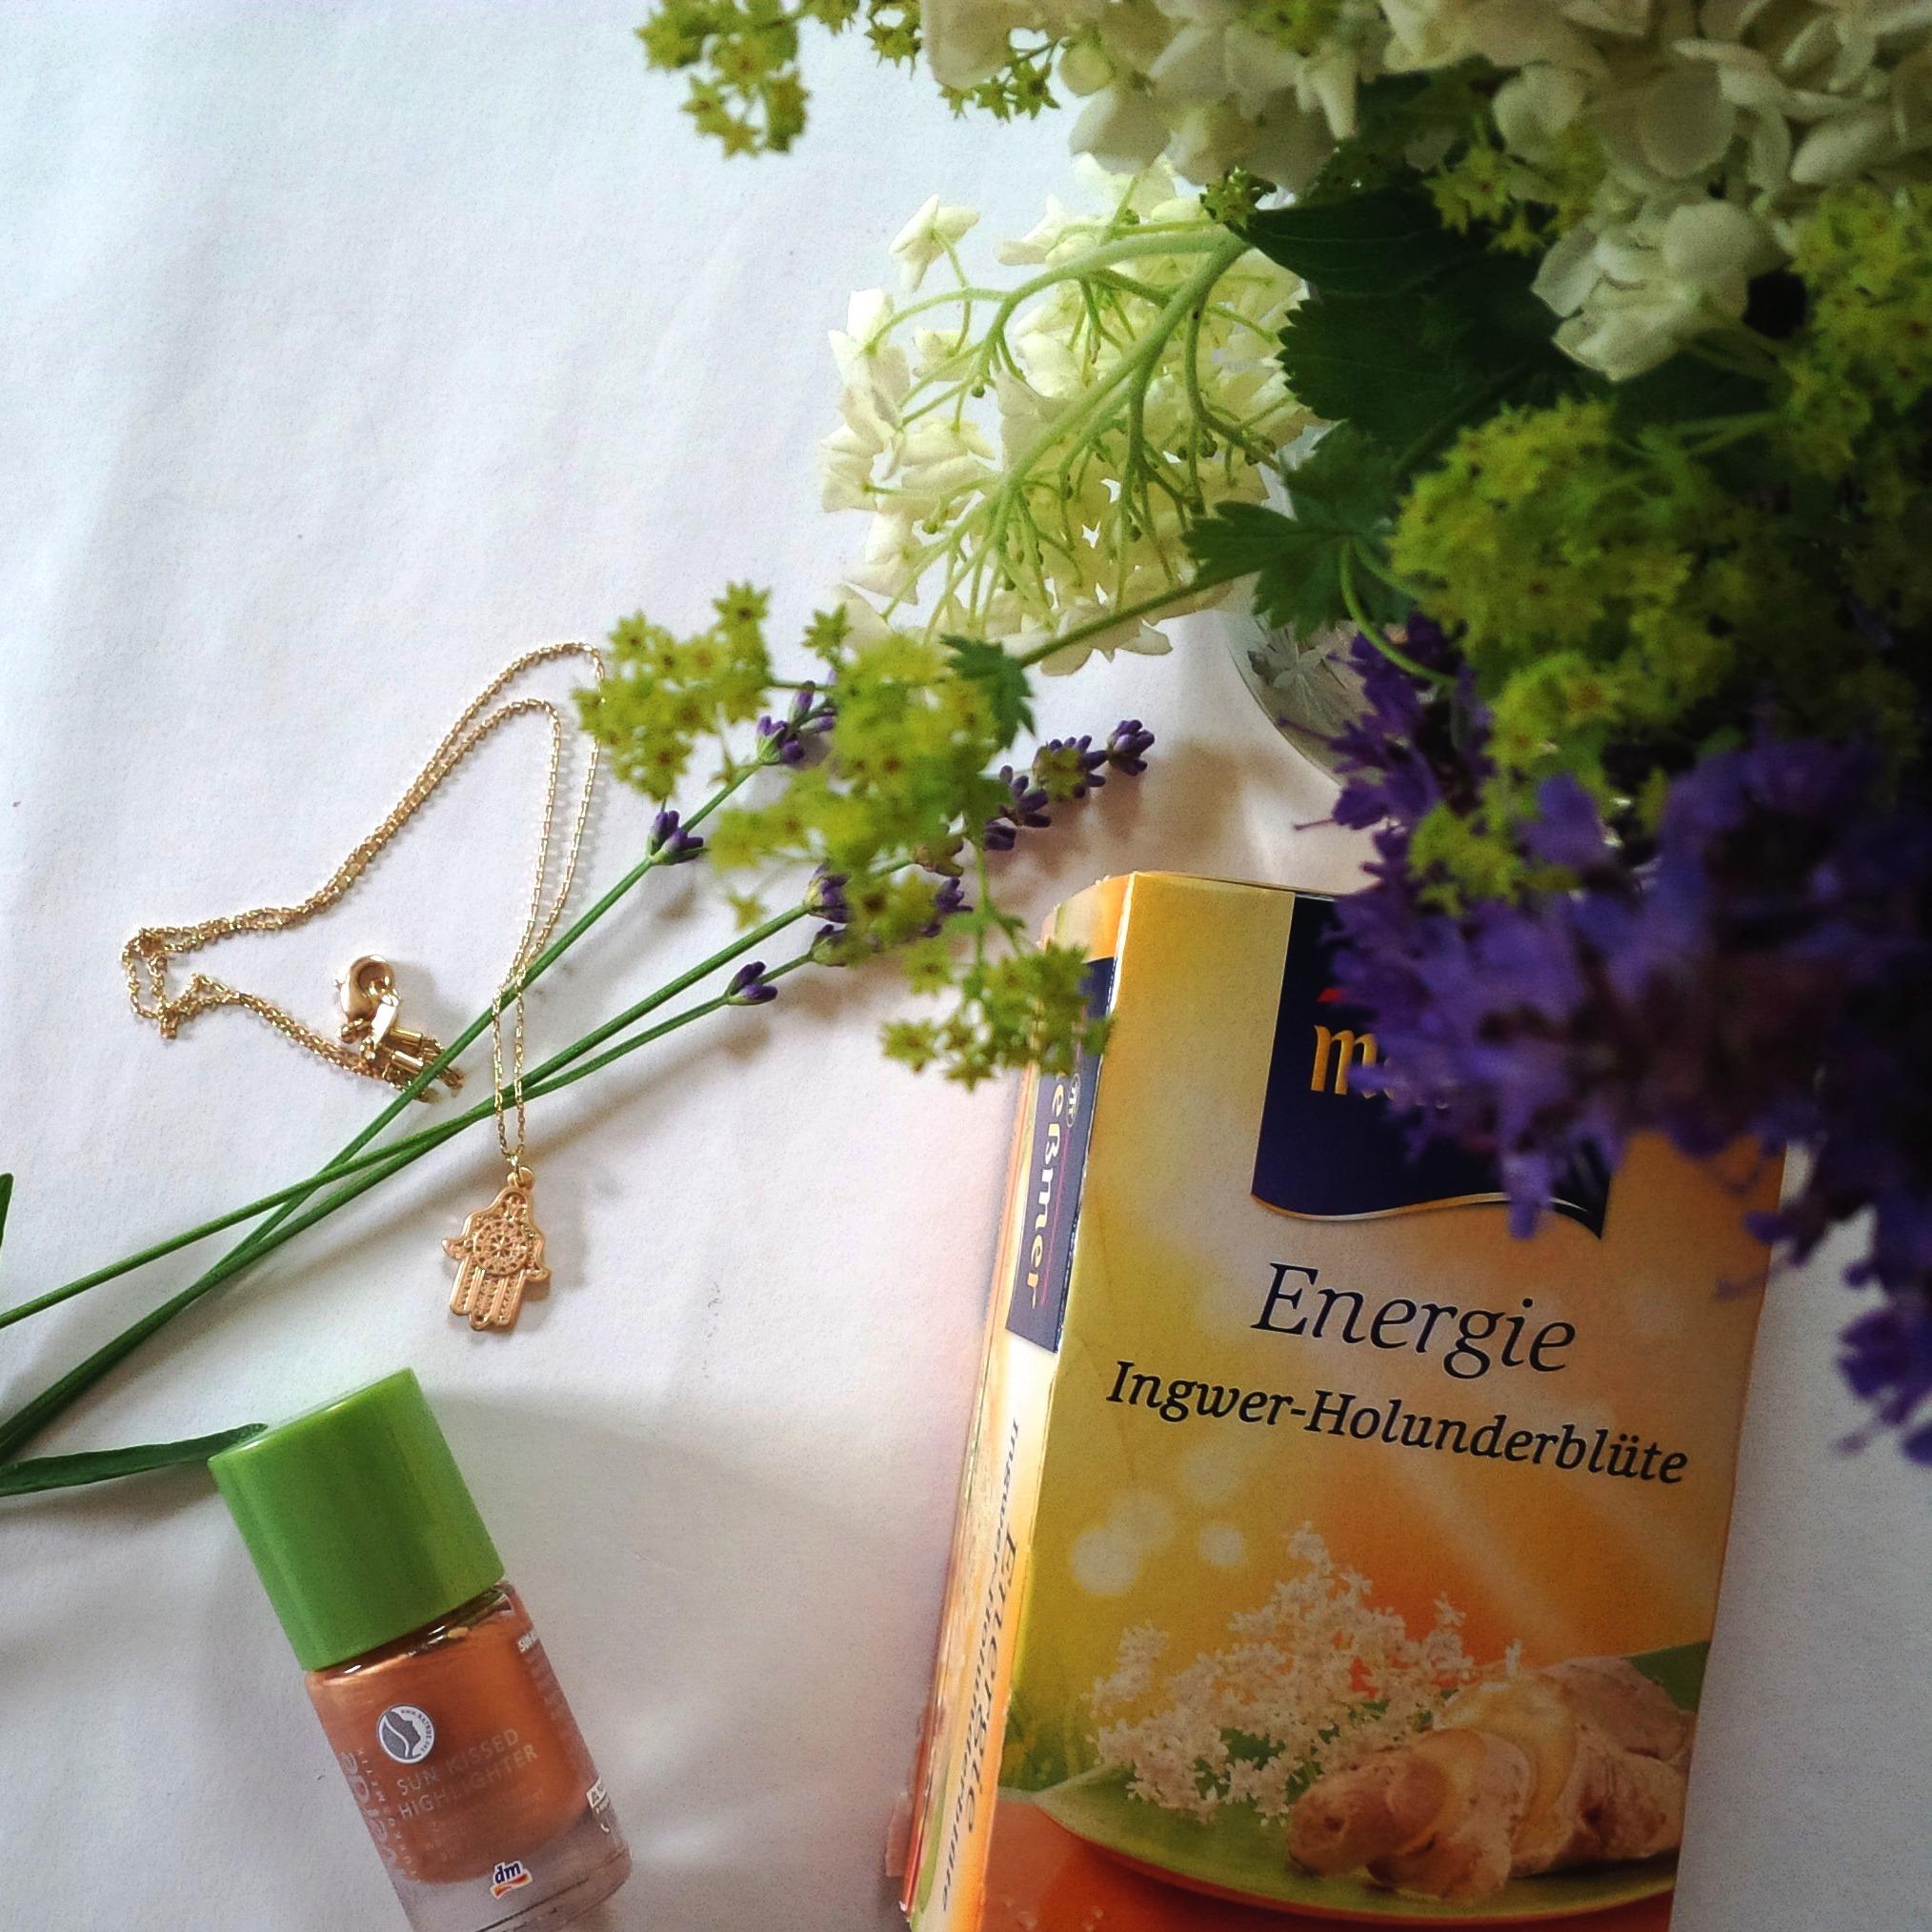 Liebe Woche #badkarma Sonntag, Wochen Favoriten. Produktempfehlung Beauty, Fashion, Lifestyle. Liebe was ist (1).jpg